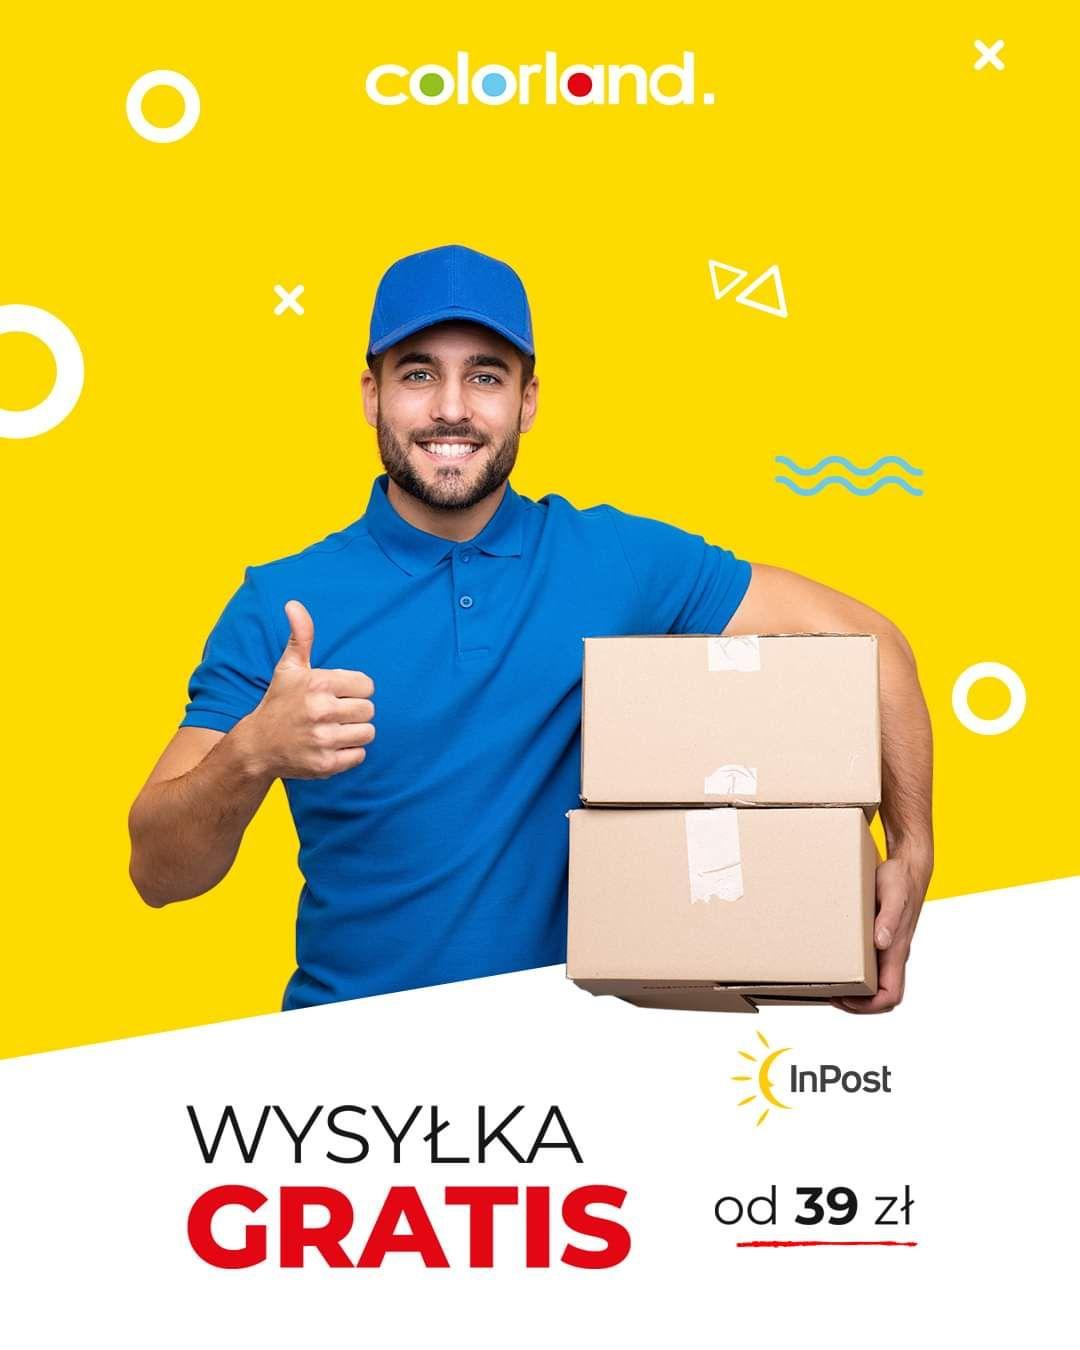 Colorland - Darmowa dostawa fotoproduktów od 39 zł